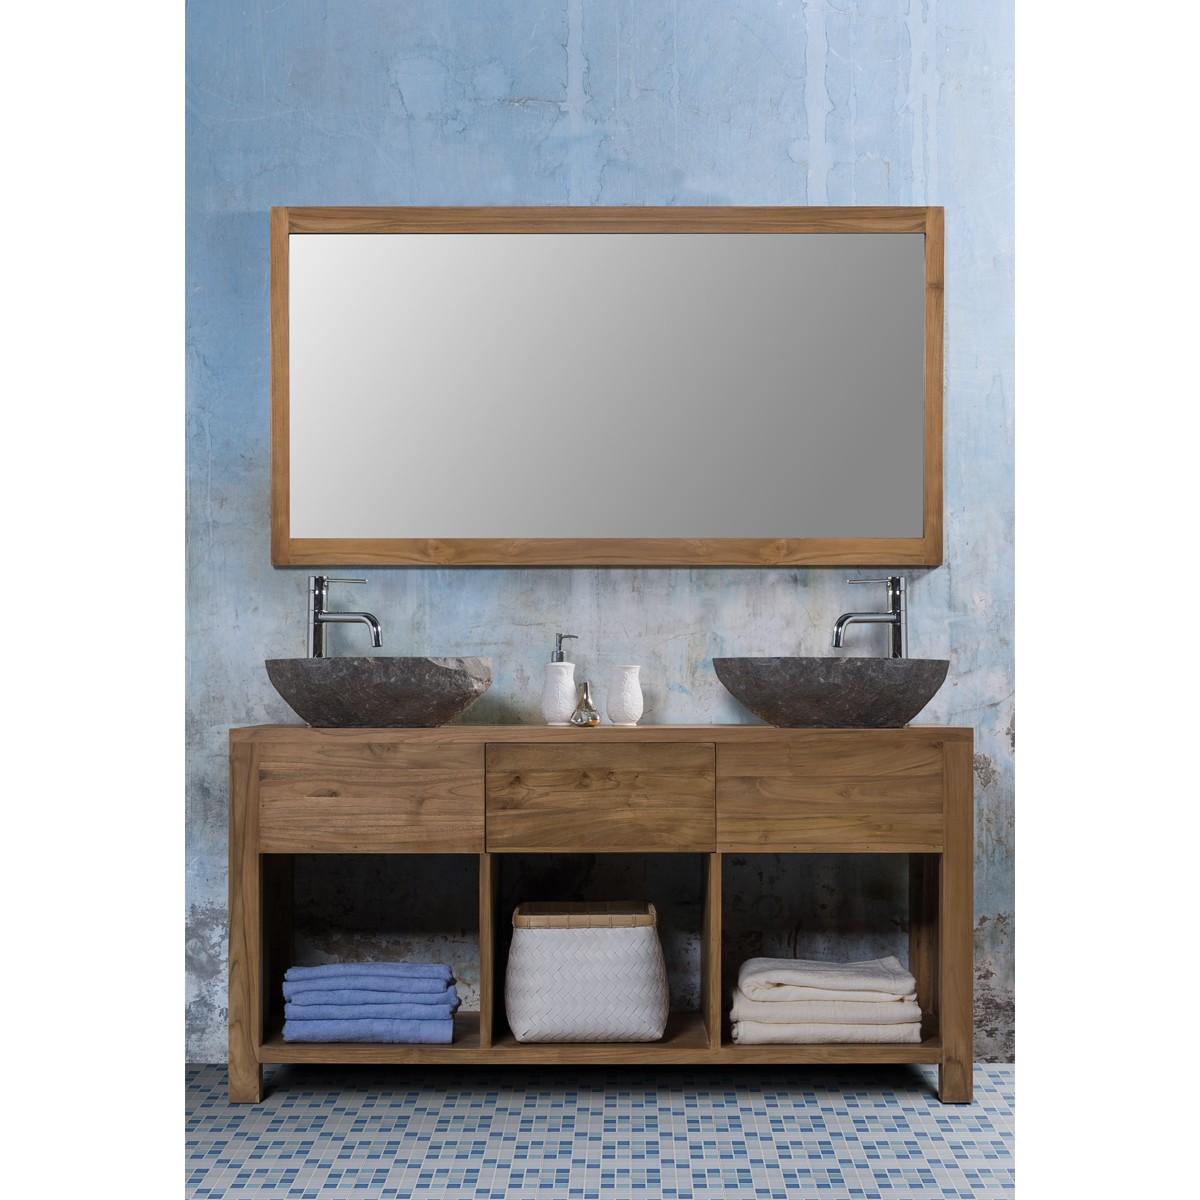 Awesome ensemble salle de bain bois gallery for Miroir salle de bain bois